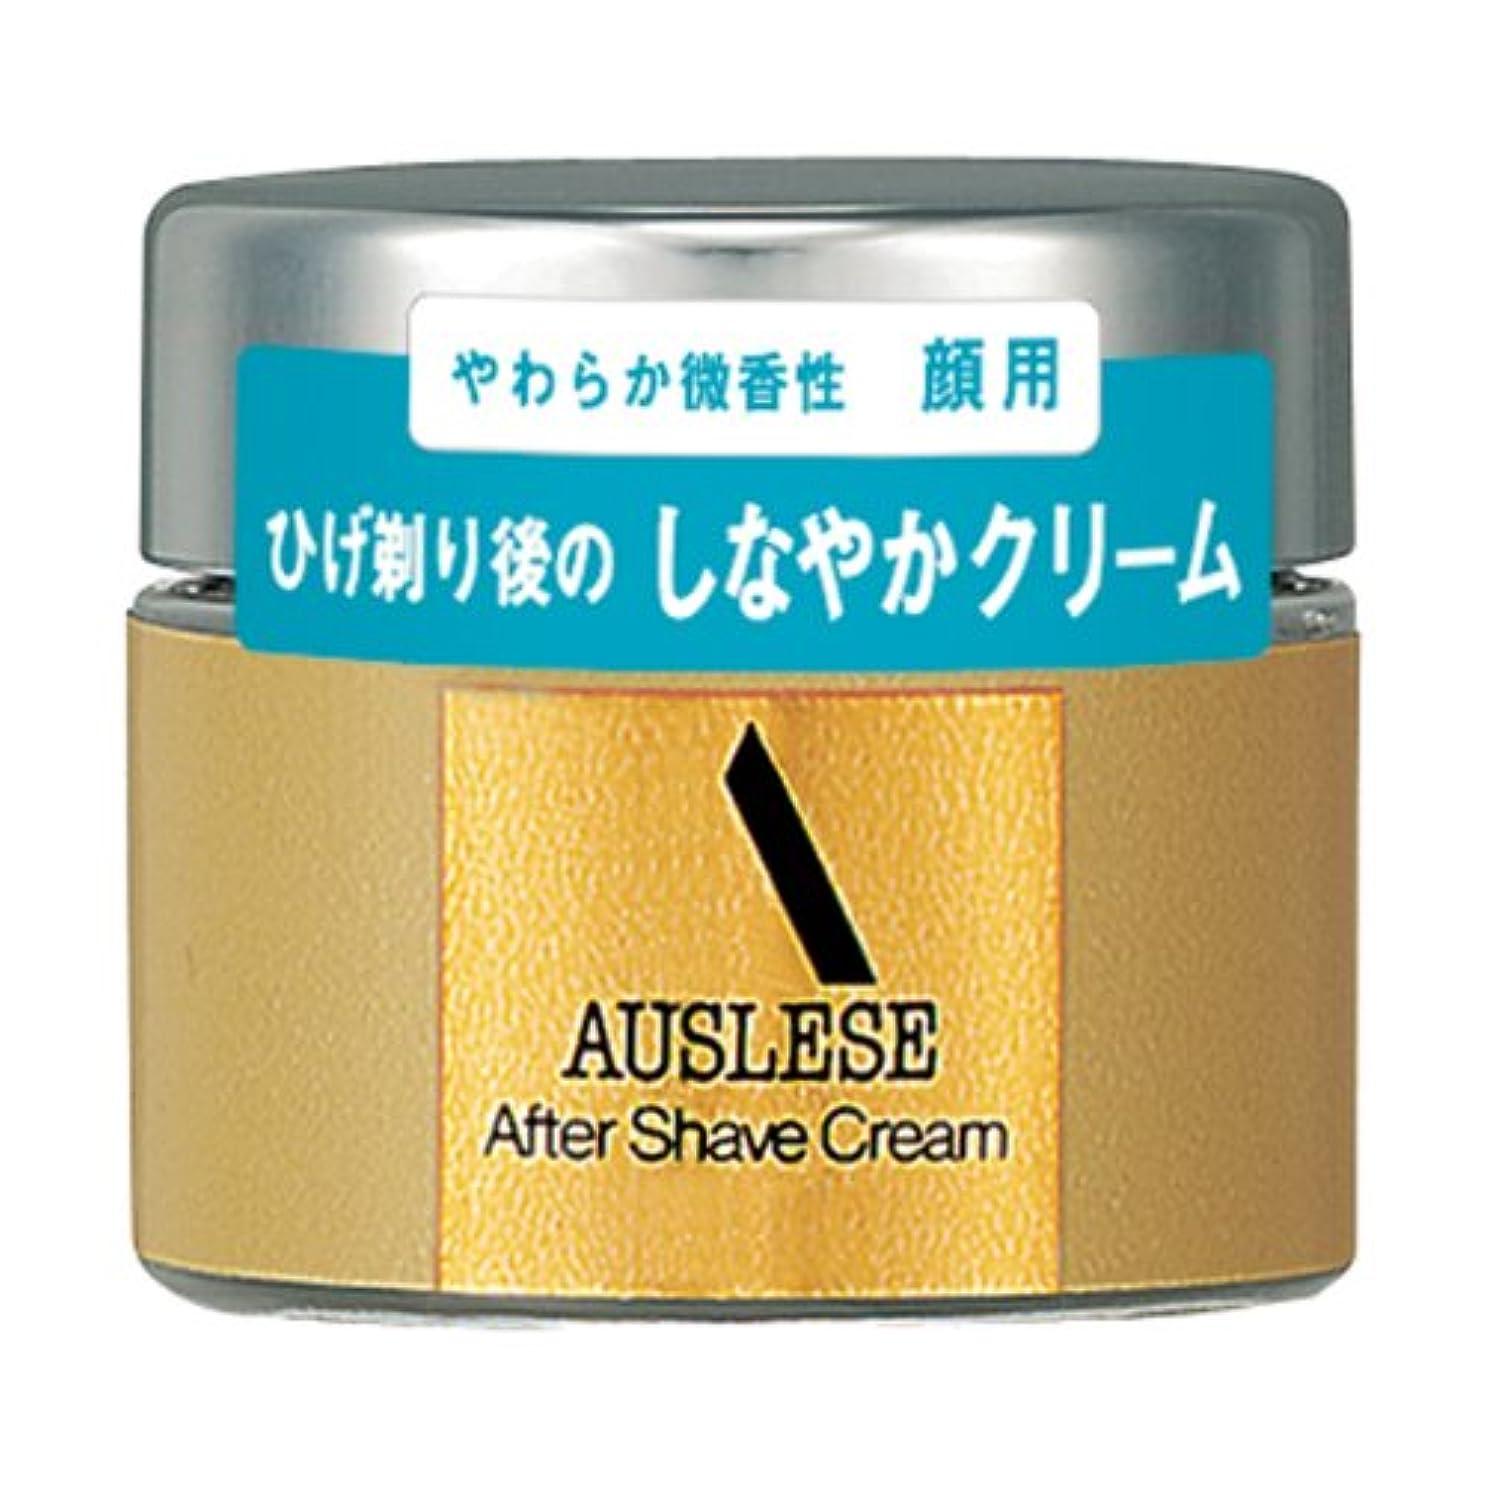 除外する泥棒汚物アウスレーゼ アフターシェーブクリームNA 30g 【医薬部外品】